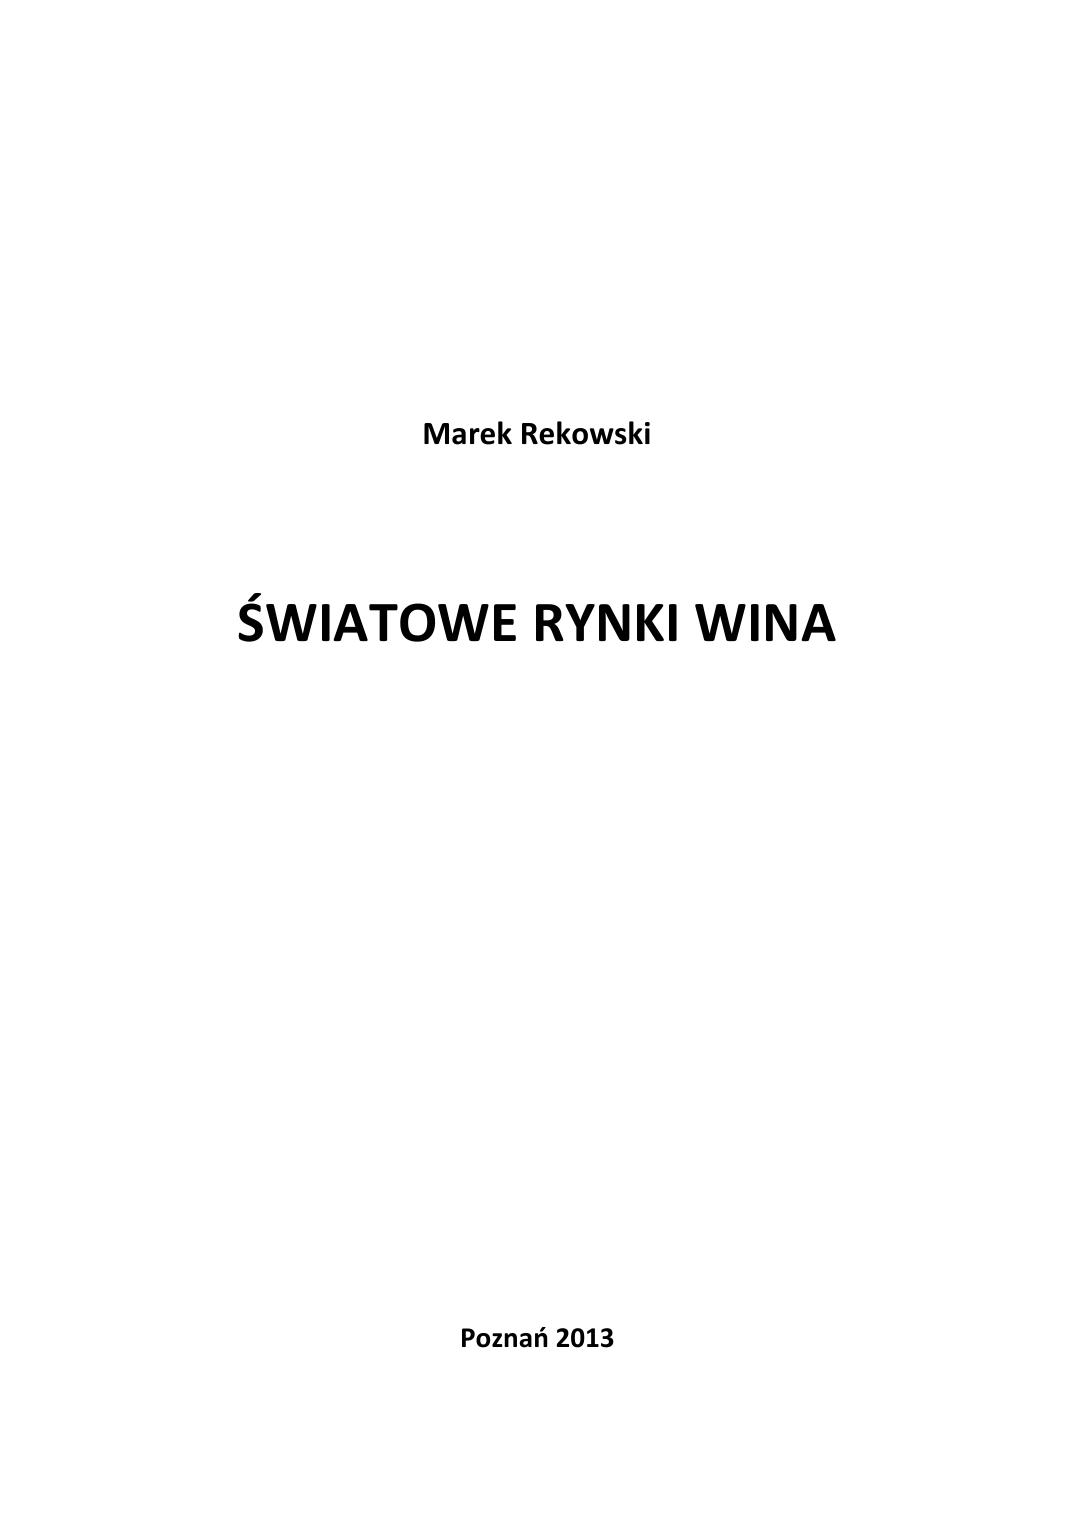 b2c8e833f8204 Marek Rekowski ŚWIATOWE RYNKI WINA Poznań 2013 ©Cophyright by Marek  Rekowski